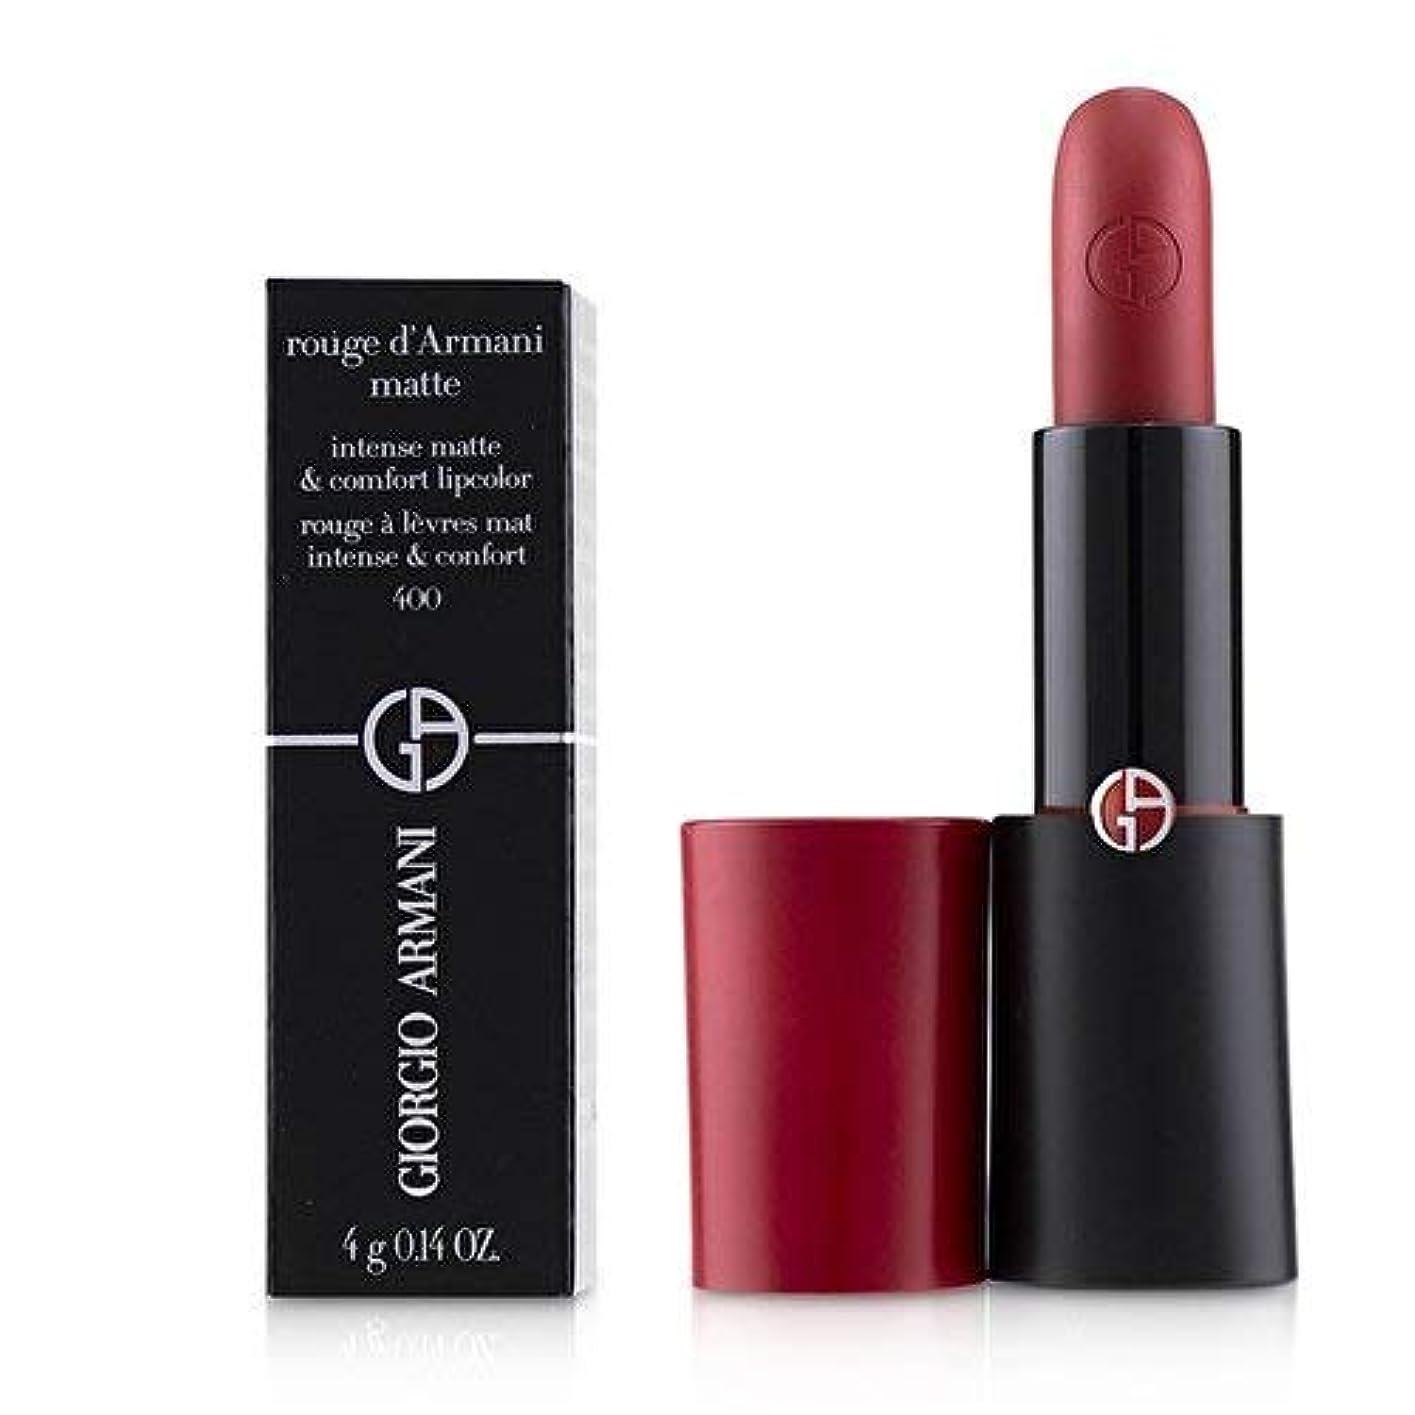 封筒無視基礎理論ジョルジオアルマーニ Rouge D'Armani Matte Intense Matte & Comfort Lipcolor - # 400 Four Hundred 4g/0.14oz並行輸入品